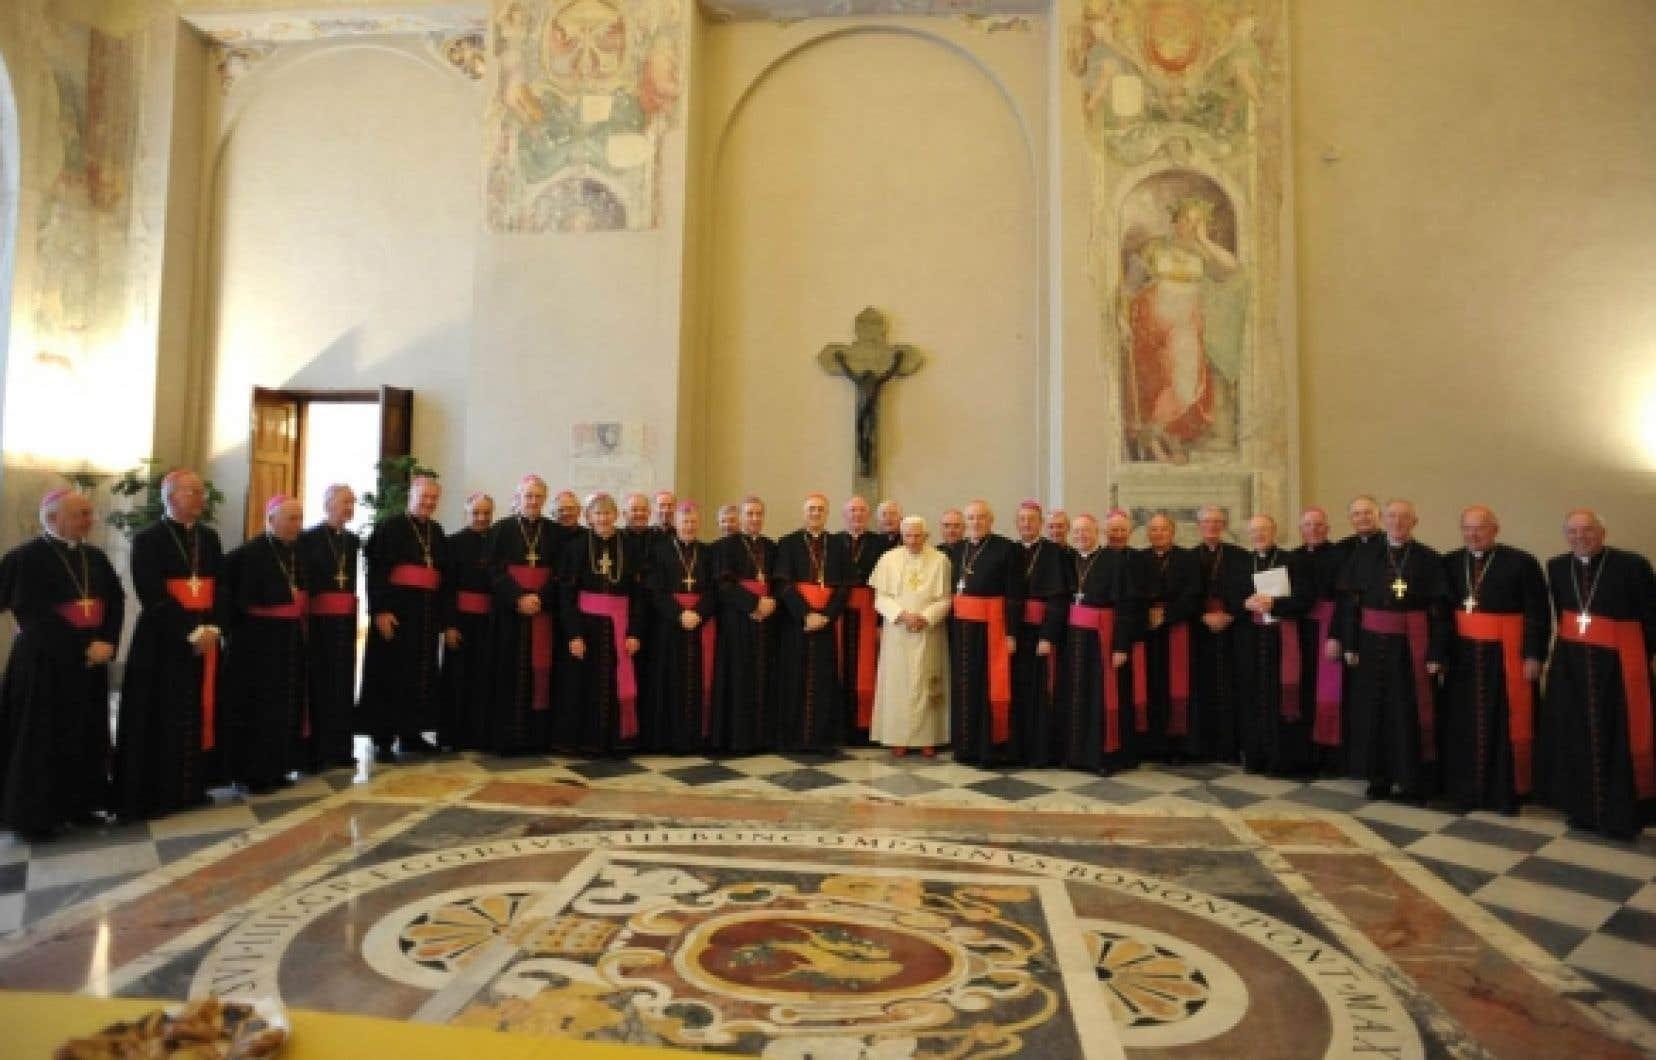 Le pape Benoît XVI entouré des évêques irlandais. Ces derniers lui ont promis, mardi dernier, qu'ils coopéreraient avec les autorités civiles au sujet du vaste scandale de pédophilie.